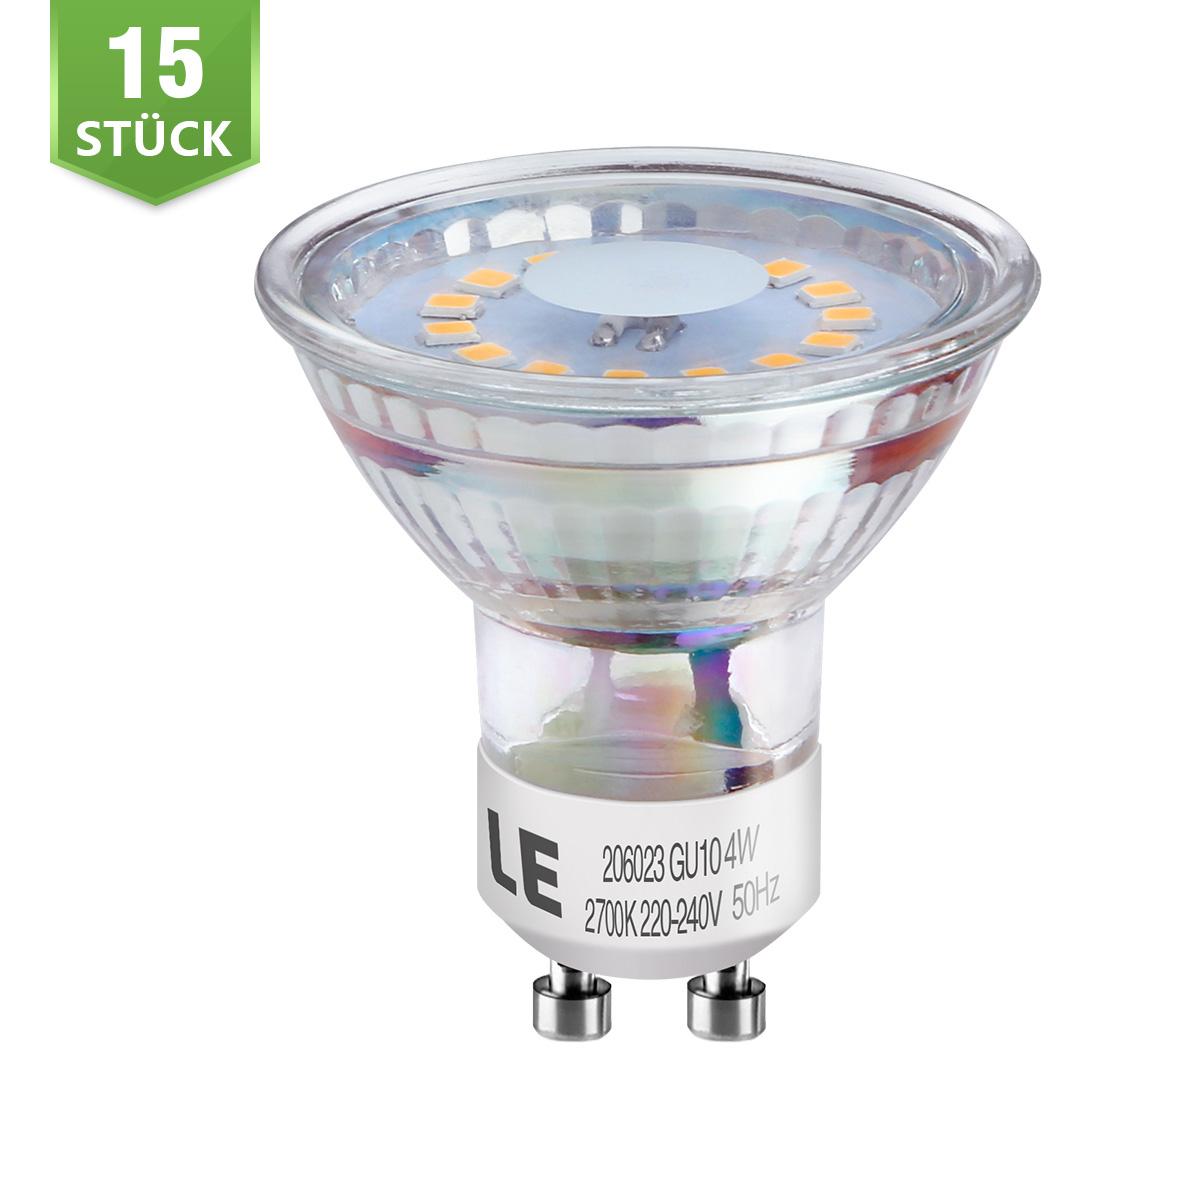 [Bündel] 3,5W GU10 MR16 LED Spot, 350lm Leuchtmittel, Ersatz für 50W Halogen, Warmweiß, 15er Set